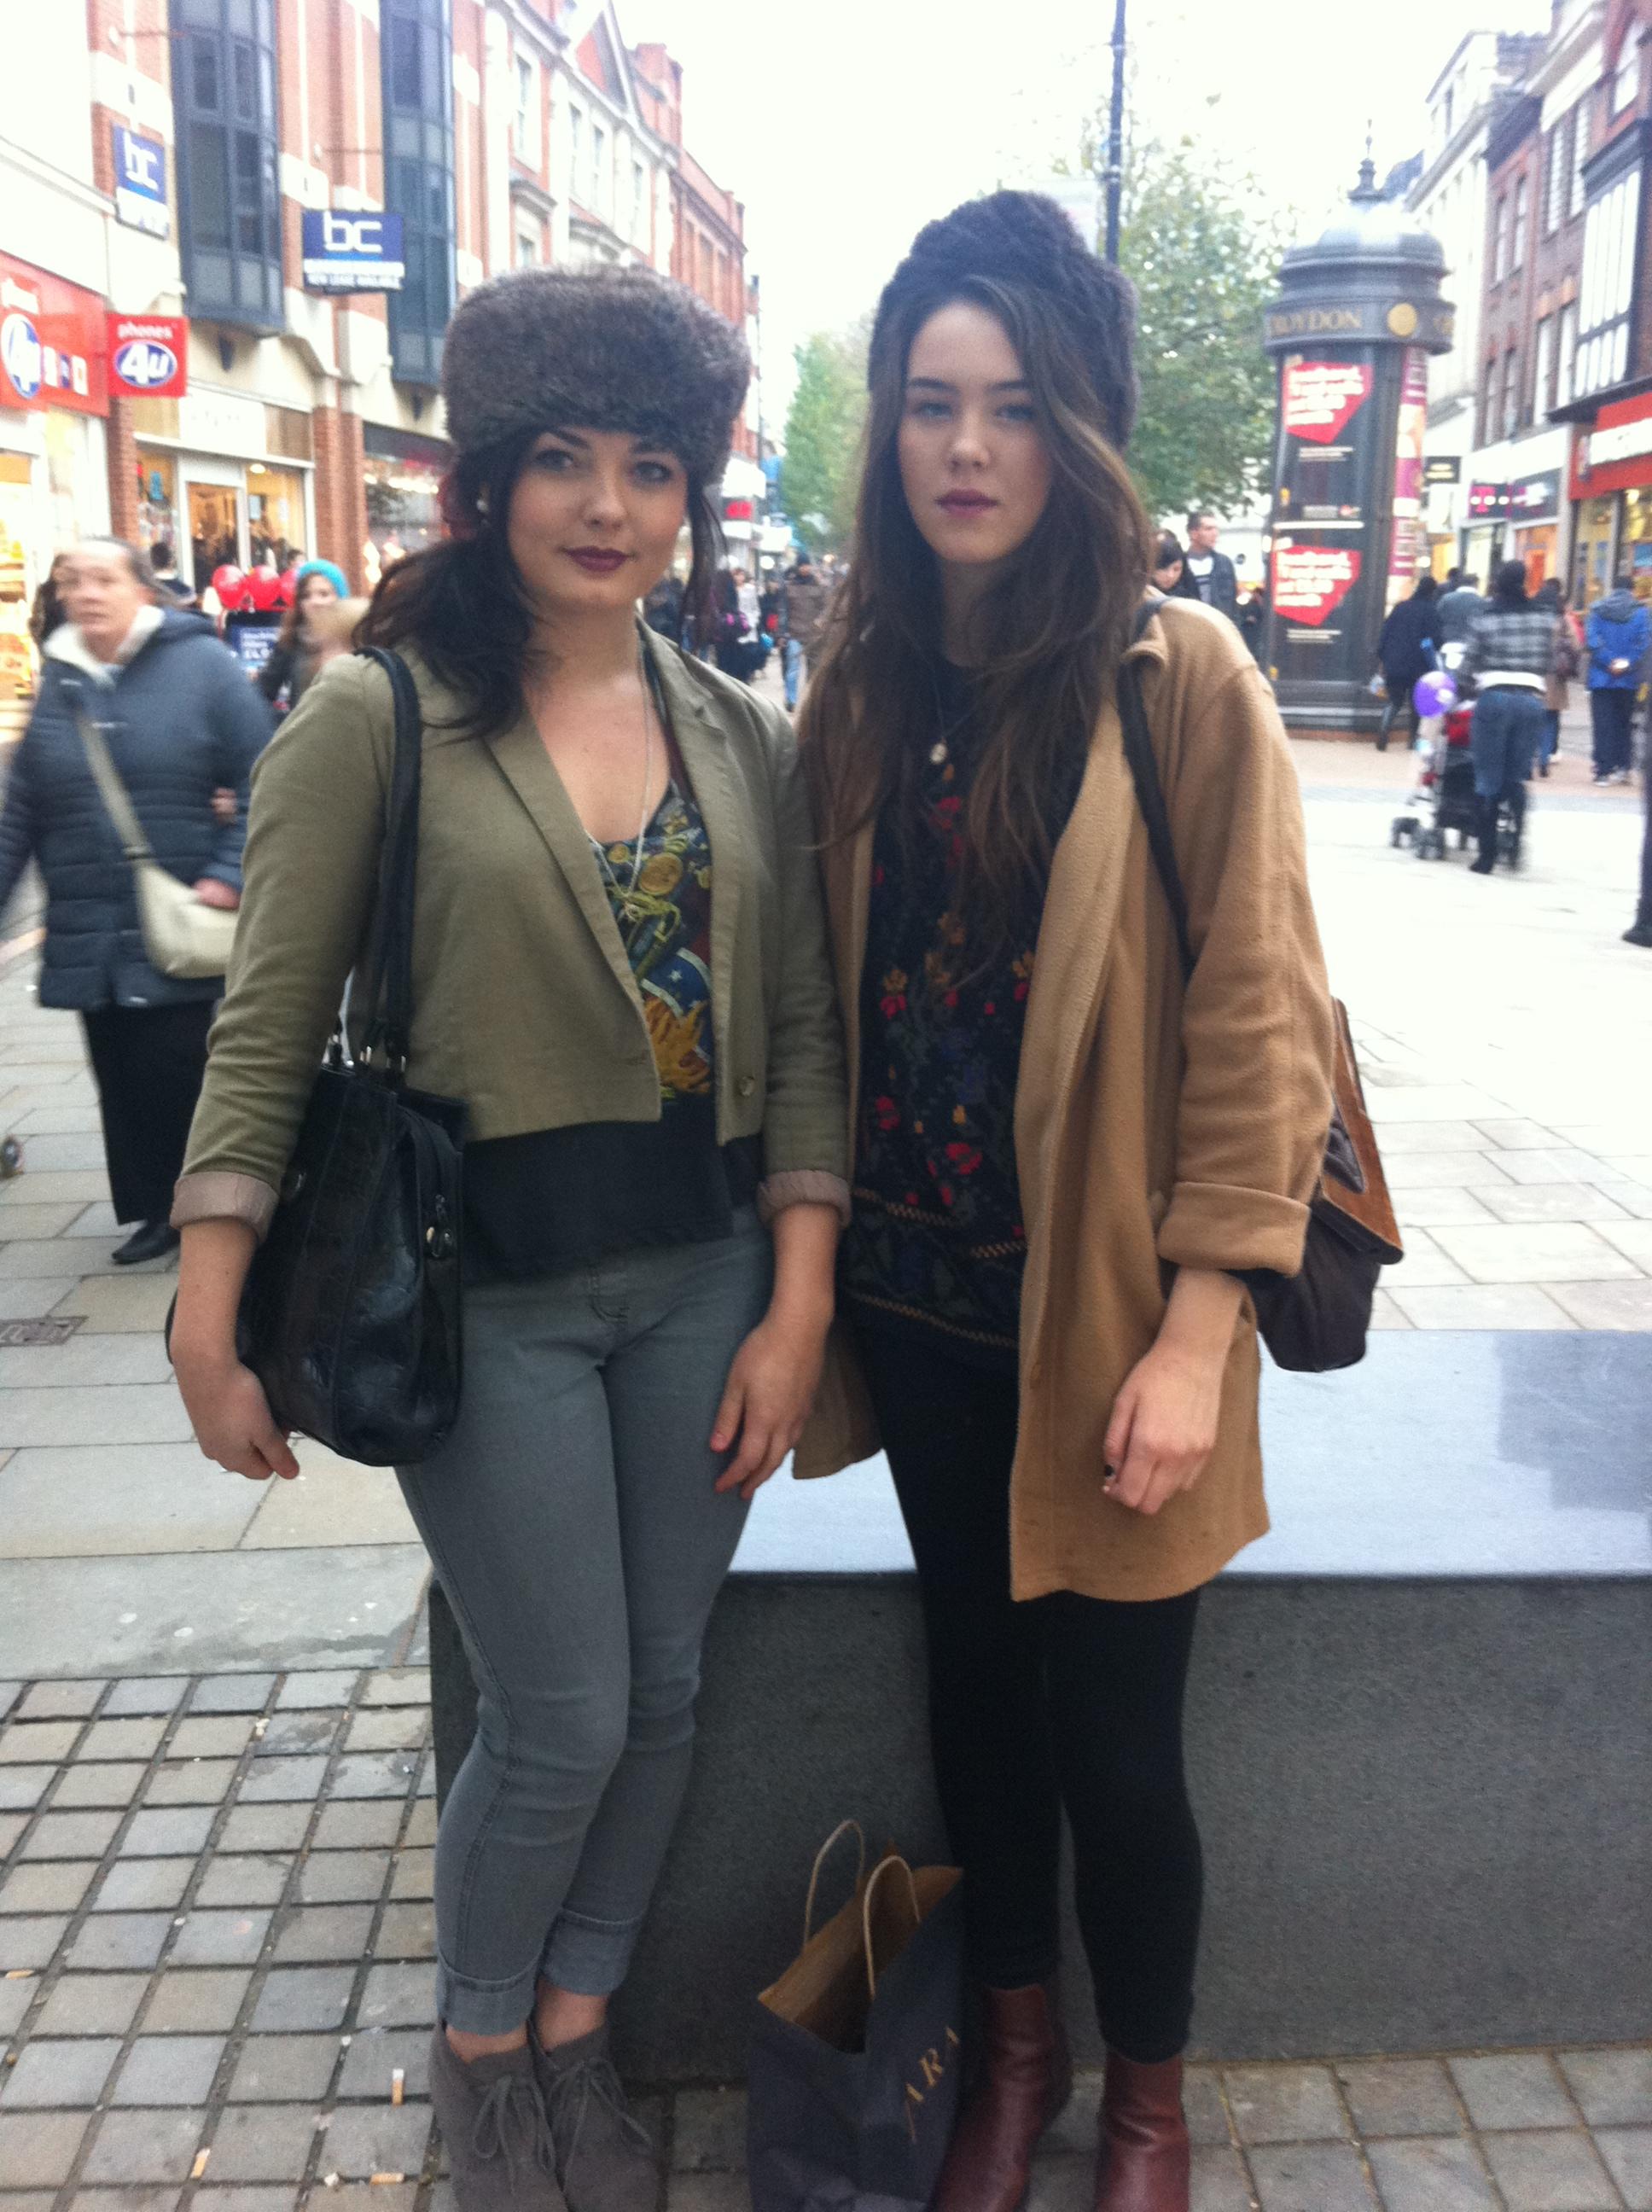 Girls in croydon